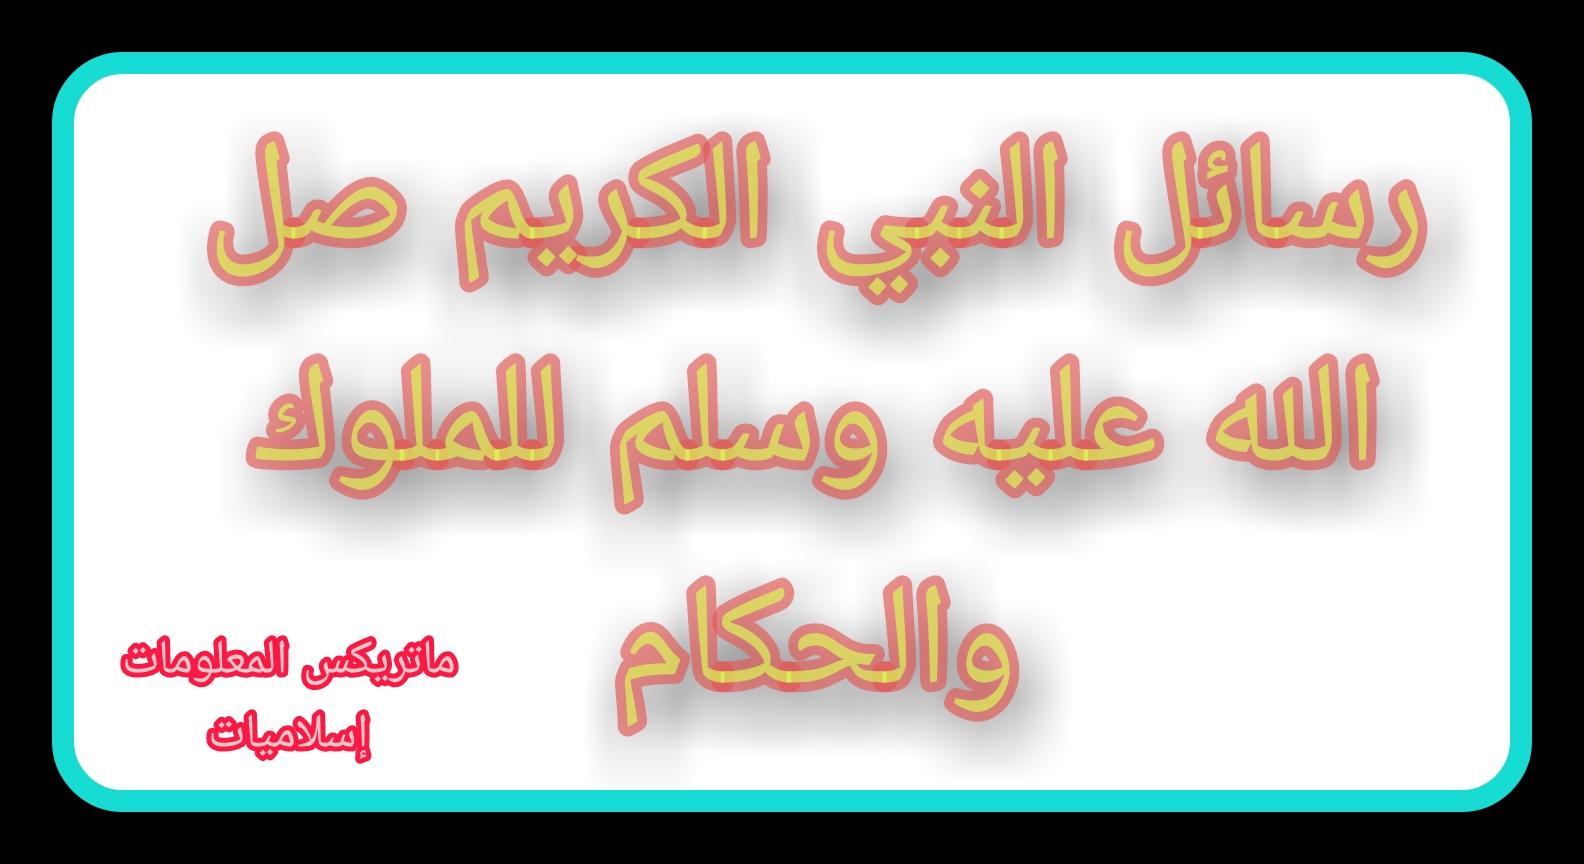 رسائل النبى محمد للملوك والحكام | رسائل النبي الى الملوك والامراء